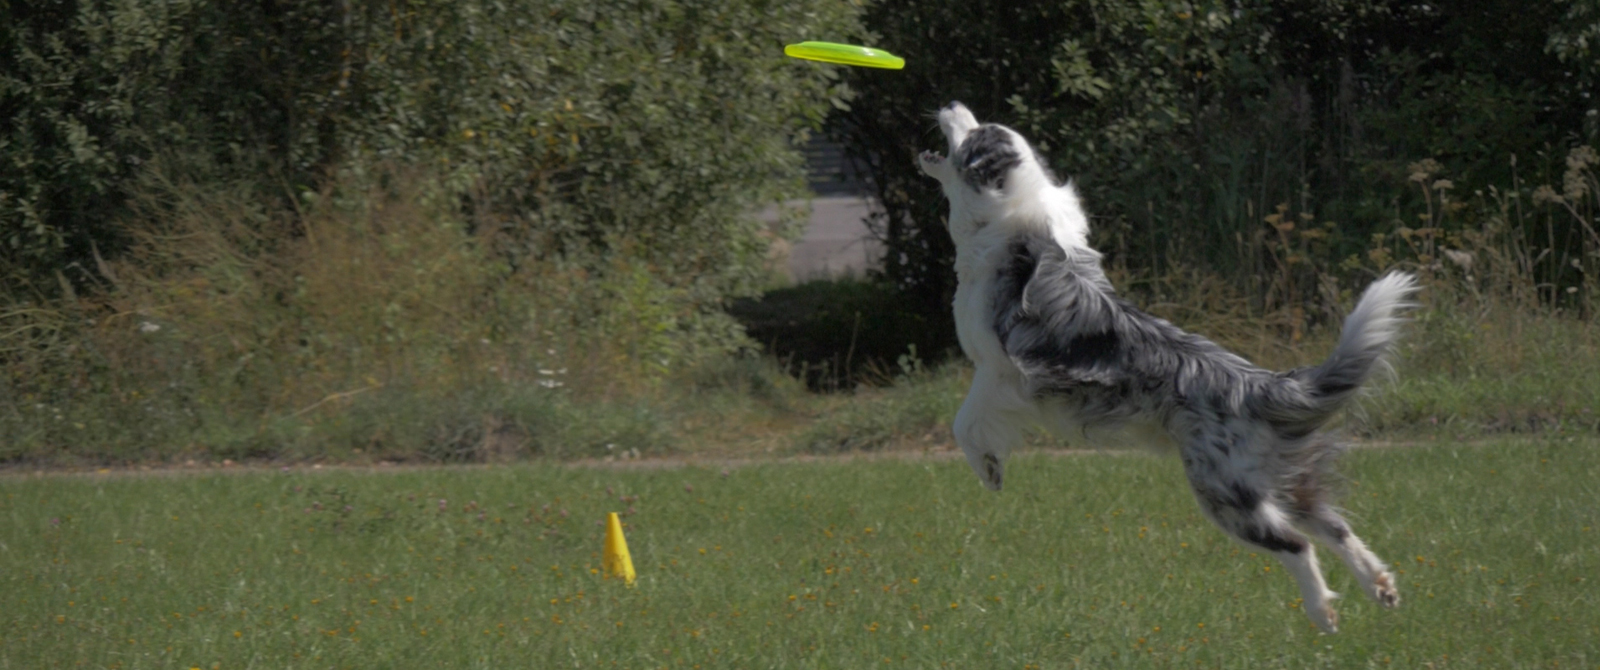 Pagerintas šunų lėkščiasvydžio rekordas